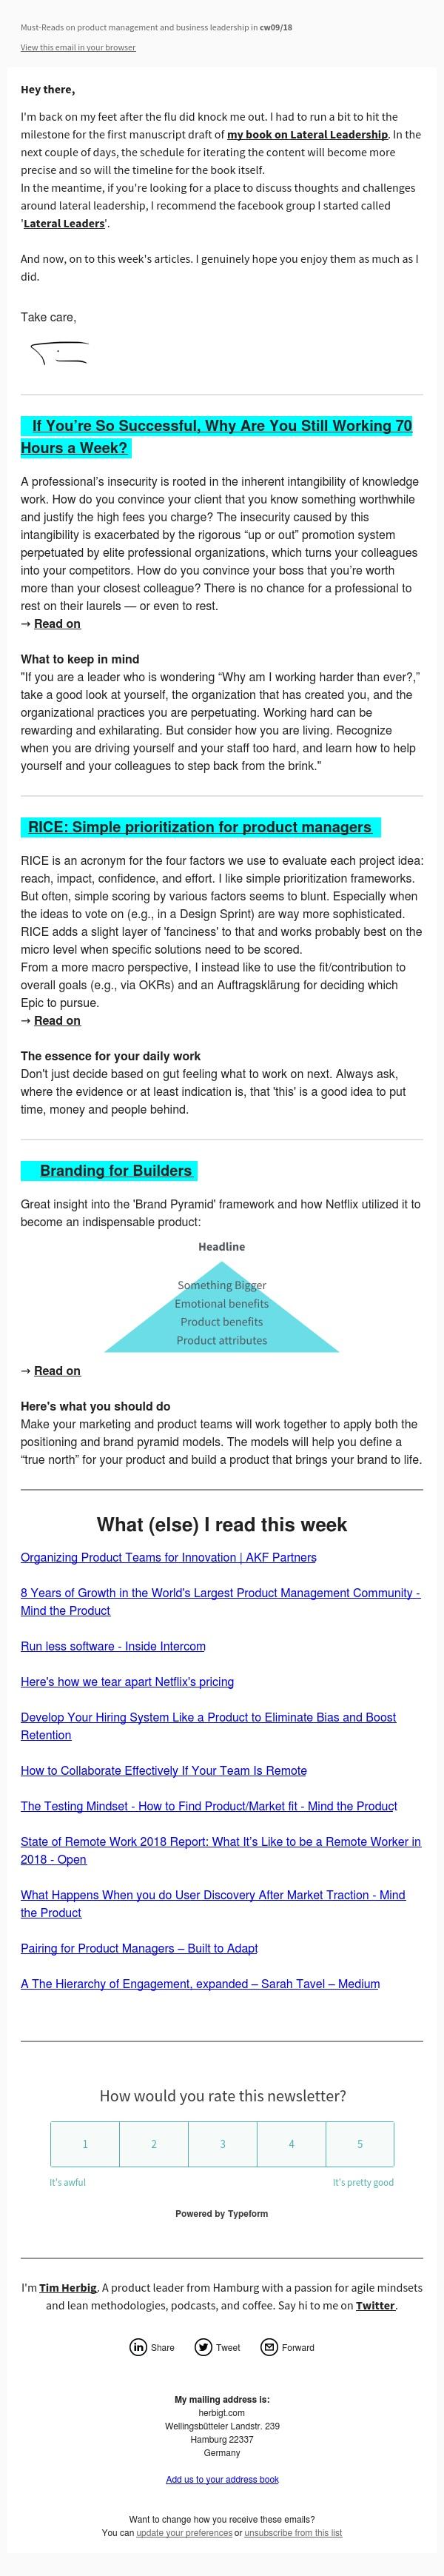 Branding for Builders